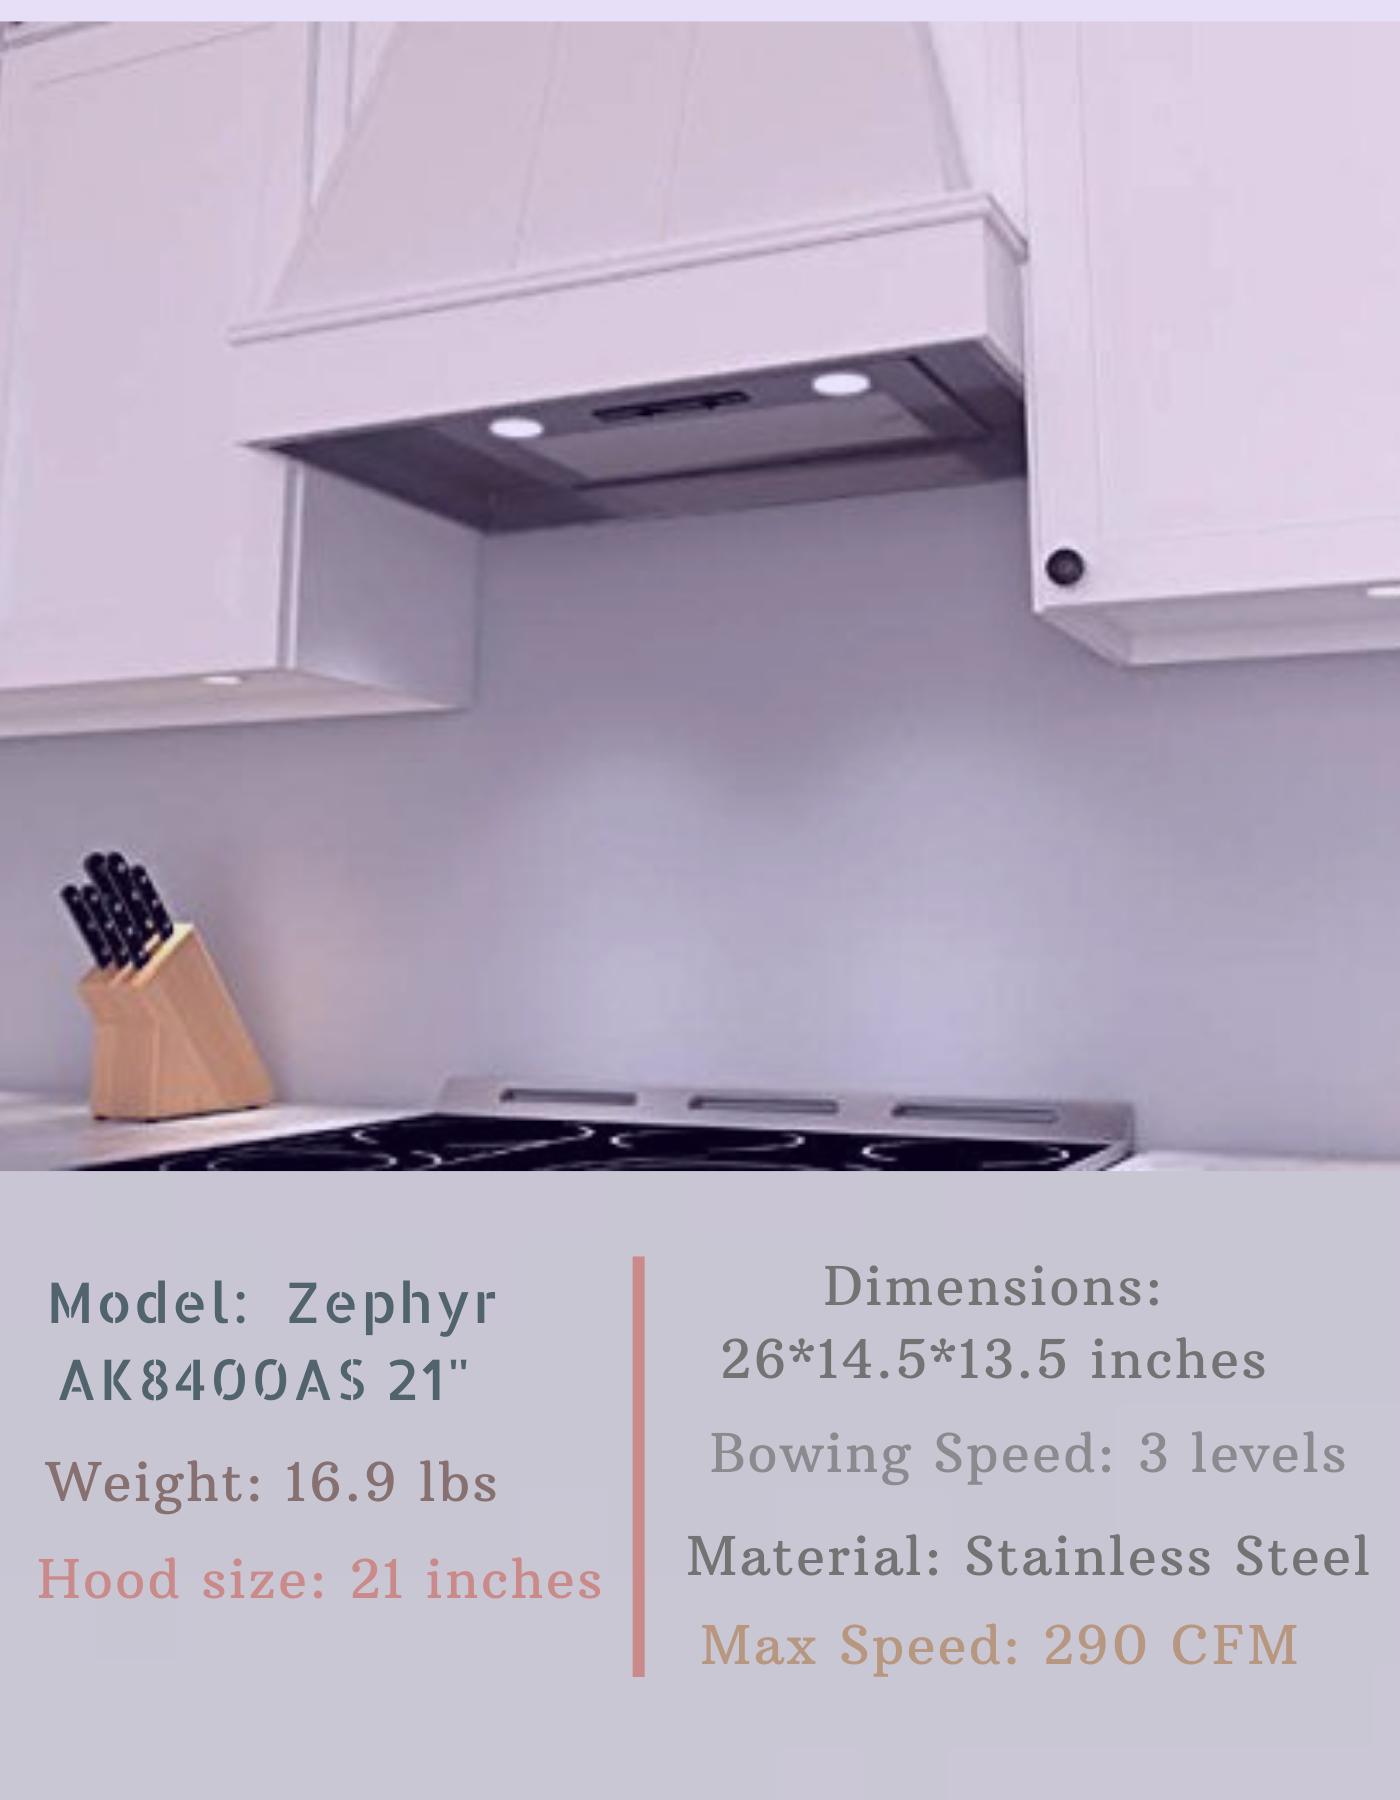 Top 8 Zephyr Range Hood Reviews Of 2020 Cabinet Wall Hoods Range Hood Reviews Zephyr Range Hood Under Cabinet Storage